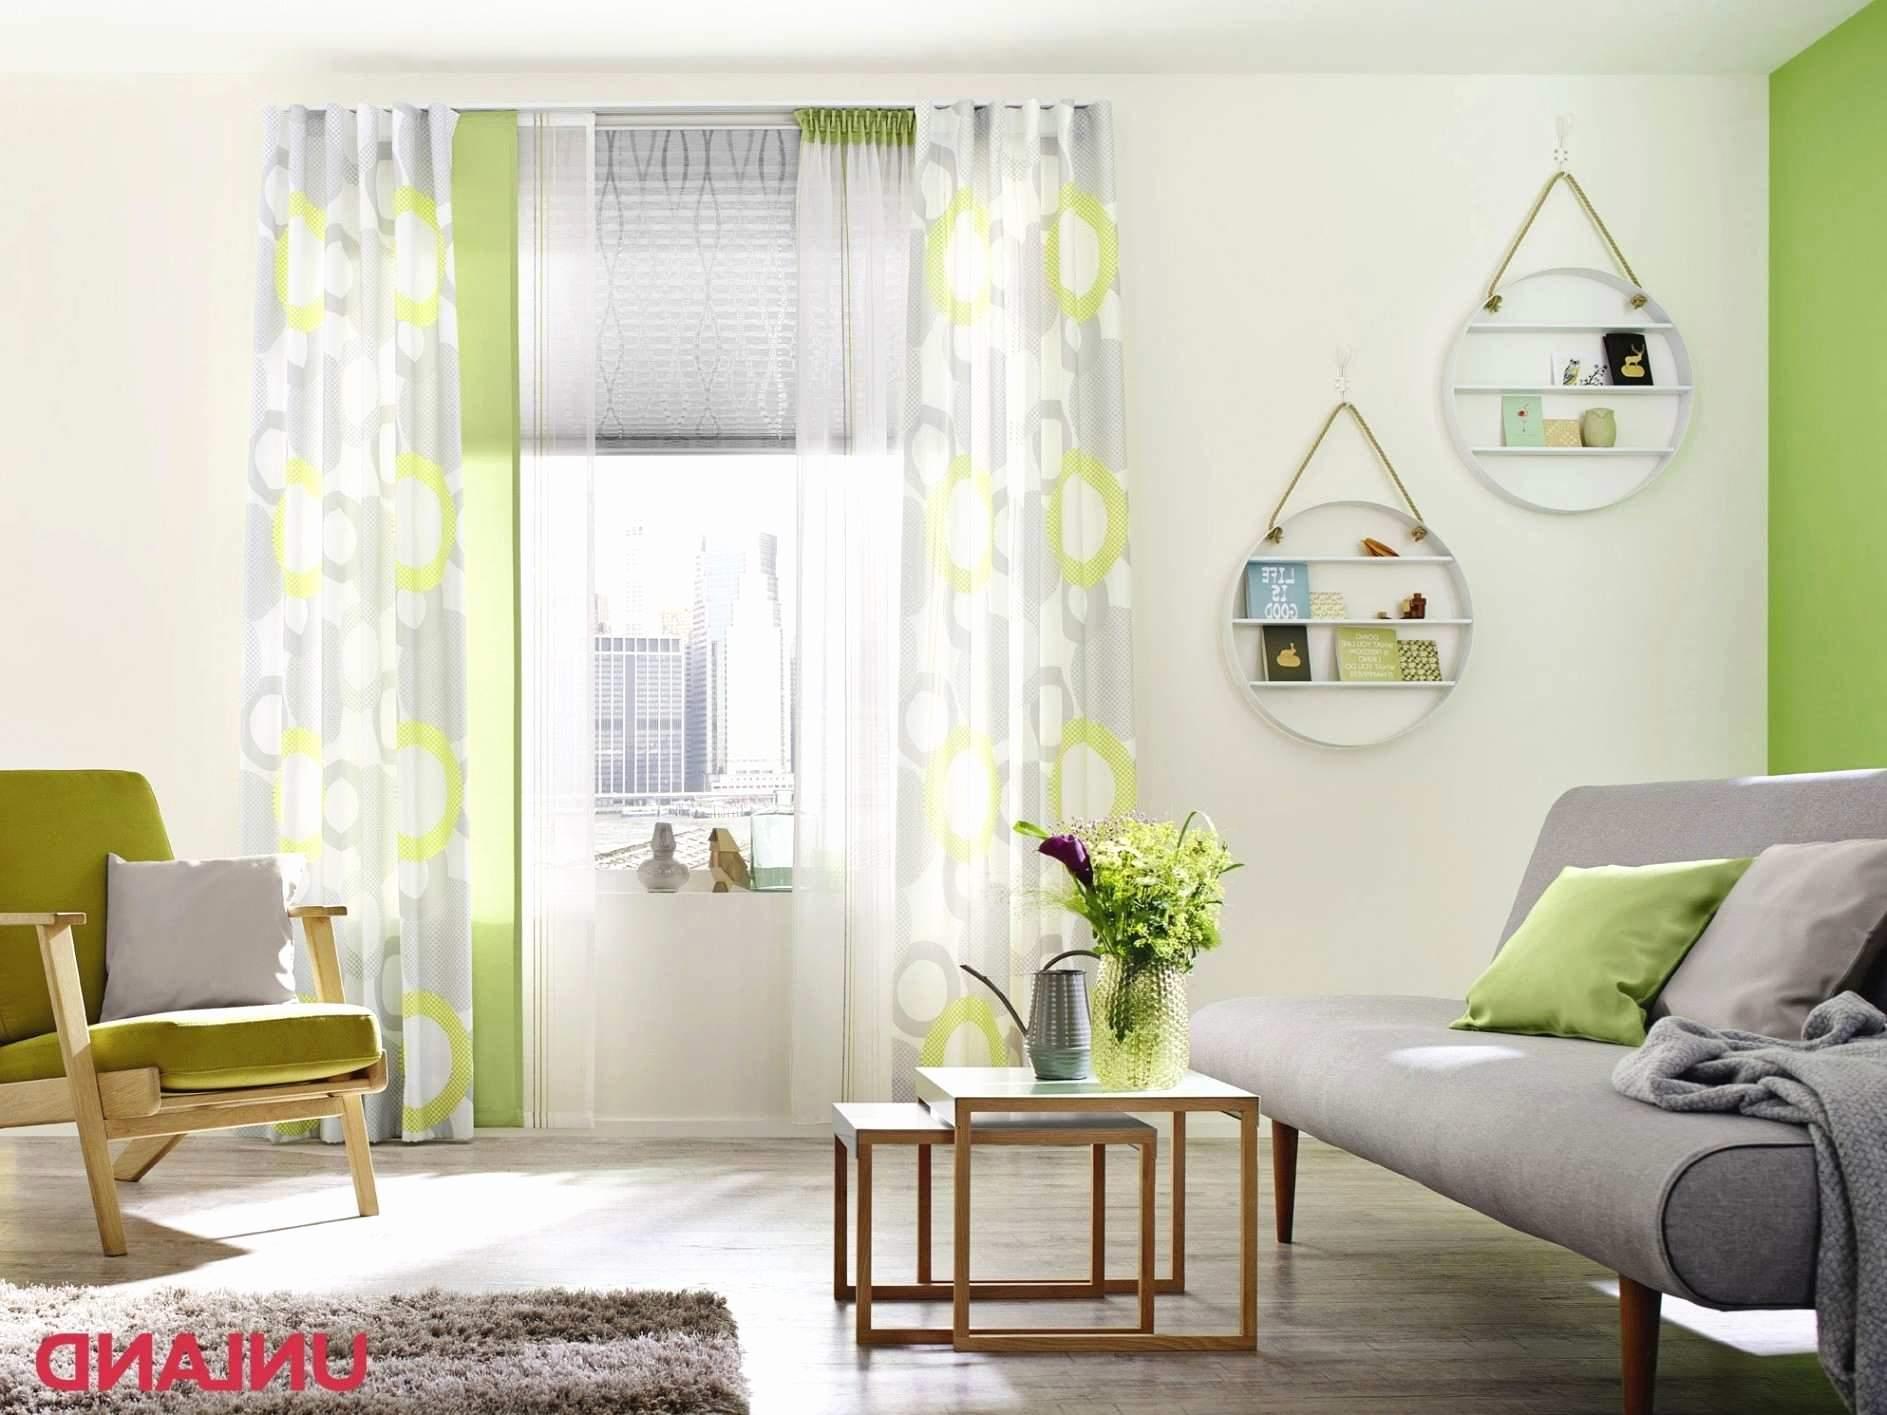 wohnzimmer kamin einzigartig design deko wohnzimmer das beste von wohnzimmer mit kamin of wohnzimmer kamin